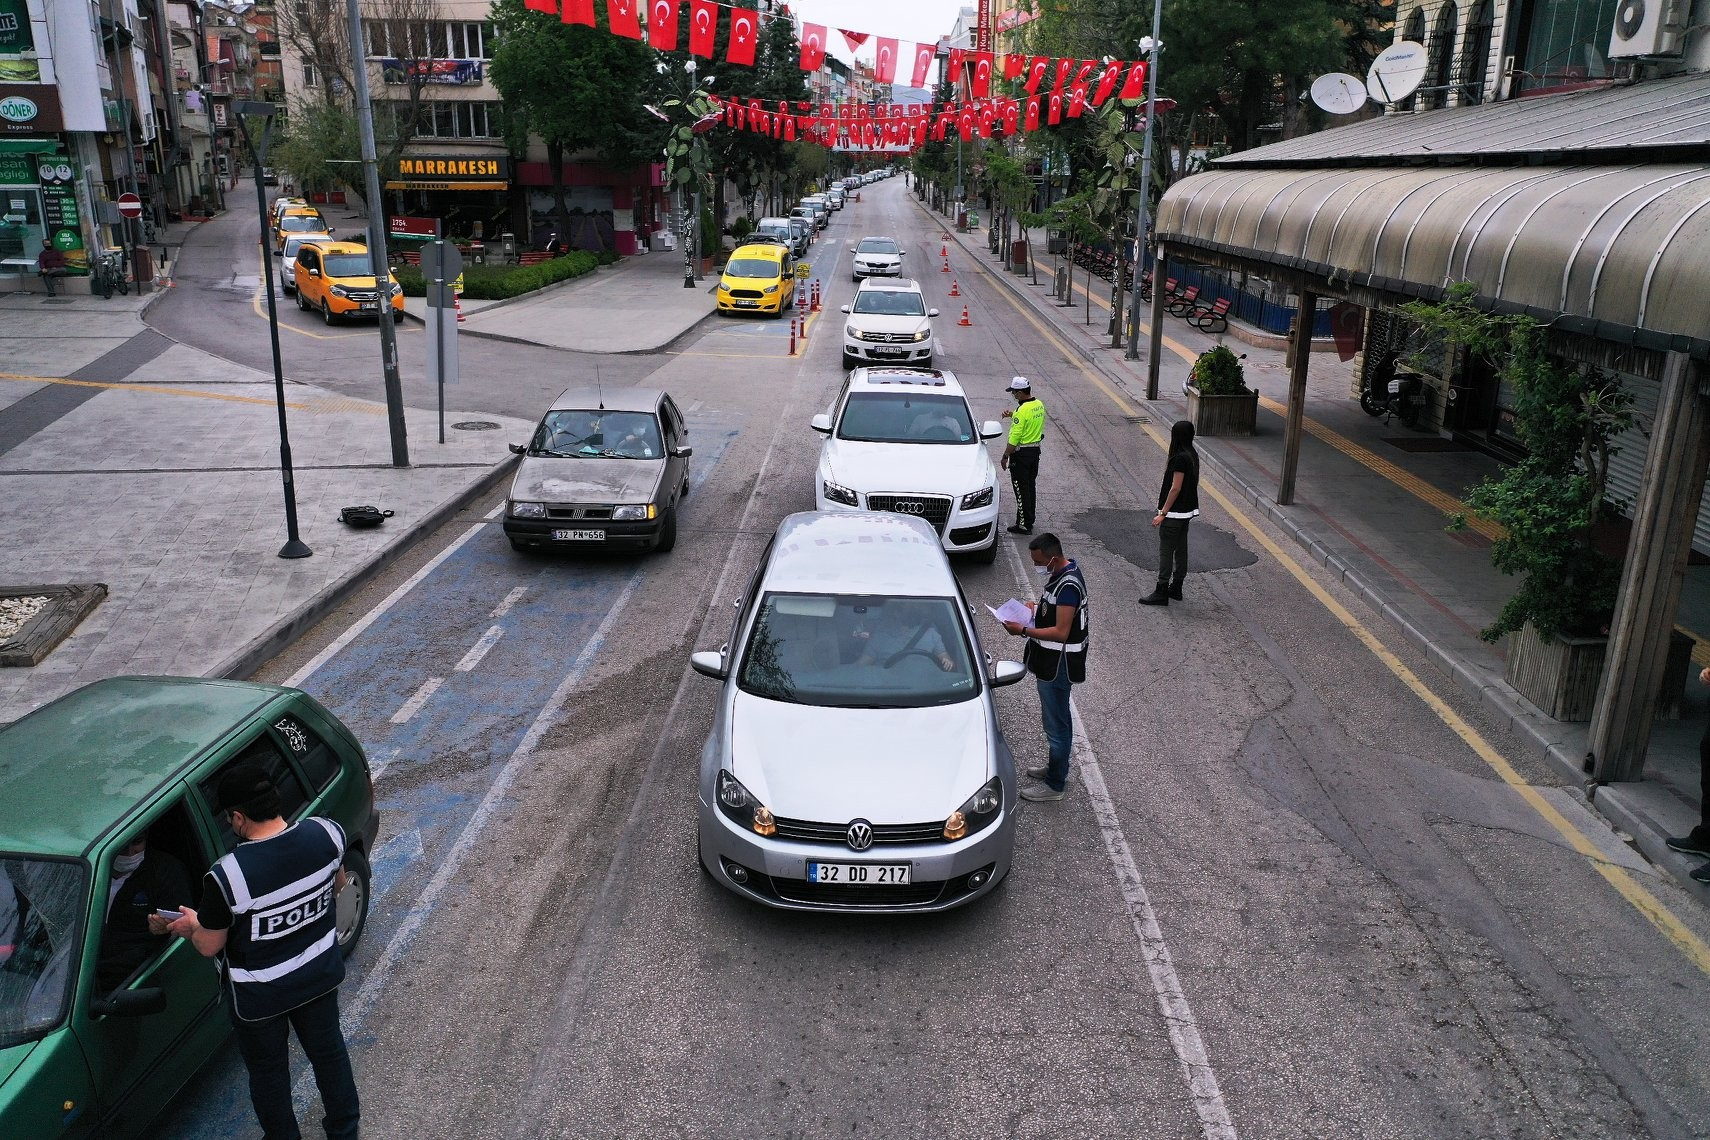 17 Günlük Tam Kapanma Başladı. Meydanlar, Sokaklar Boş Kaldı